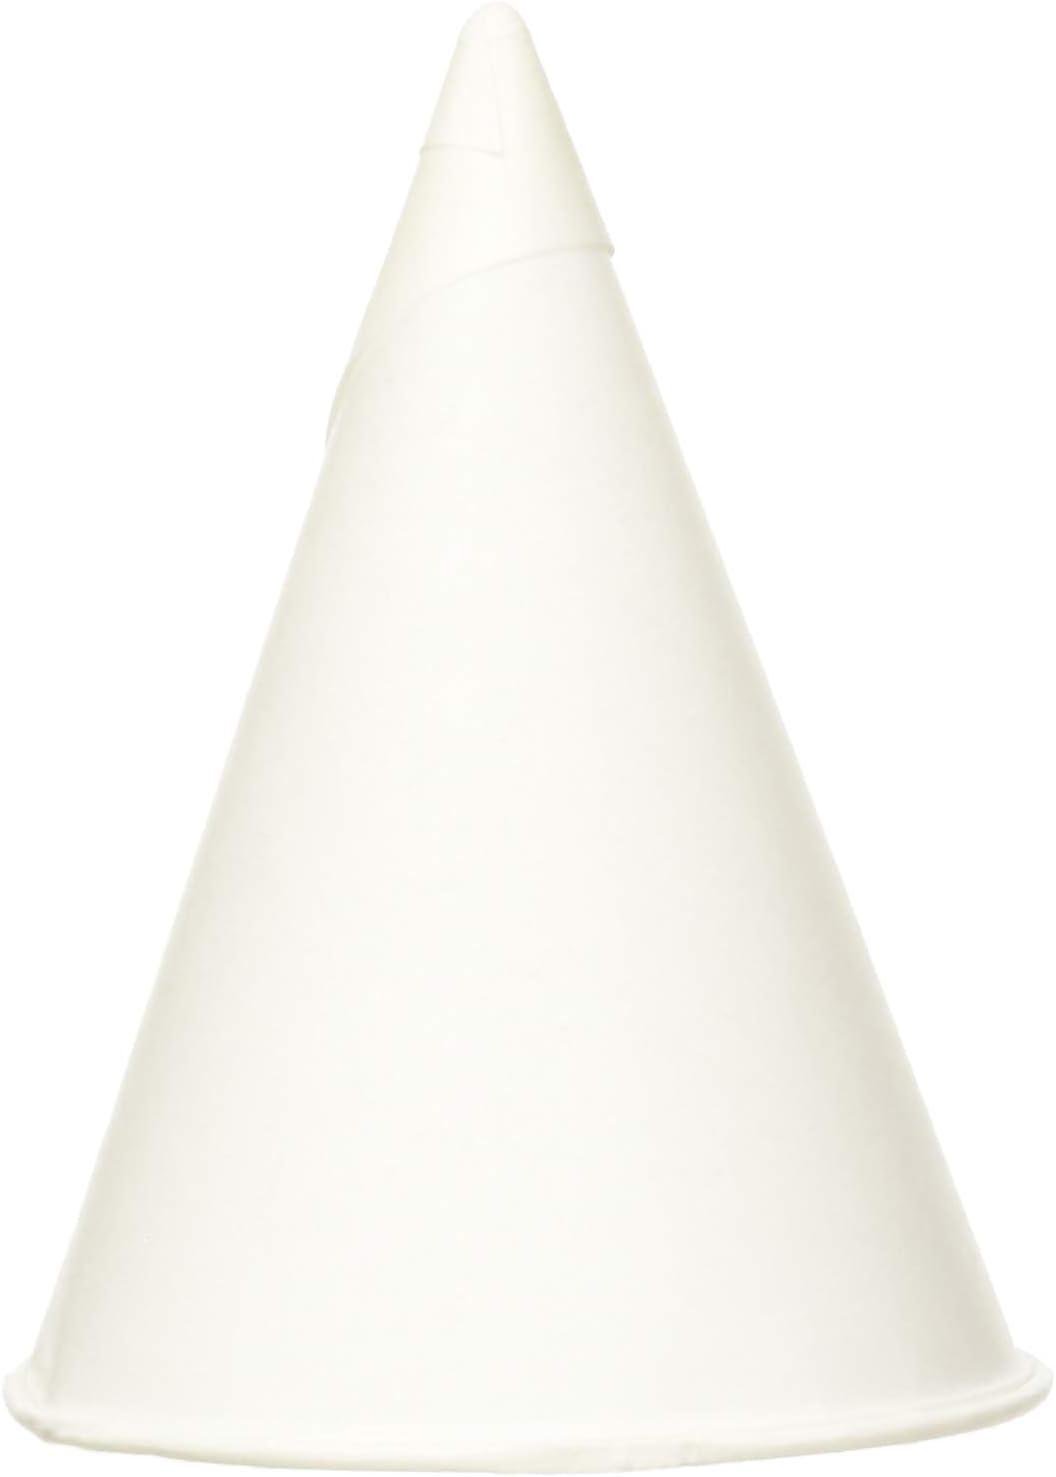 SOLO Cup Company -800 Solo 4BR Cups Co Albuquerque Chicago Mall Mall Piece Cone Water